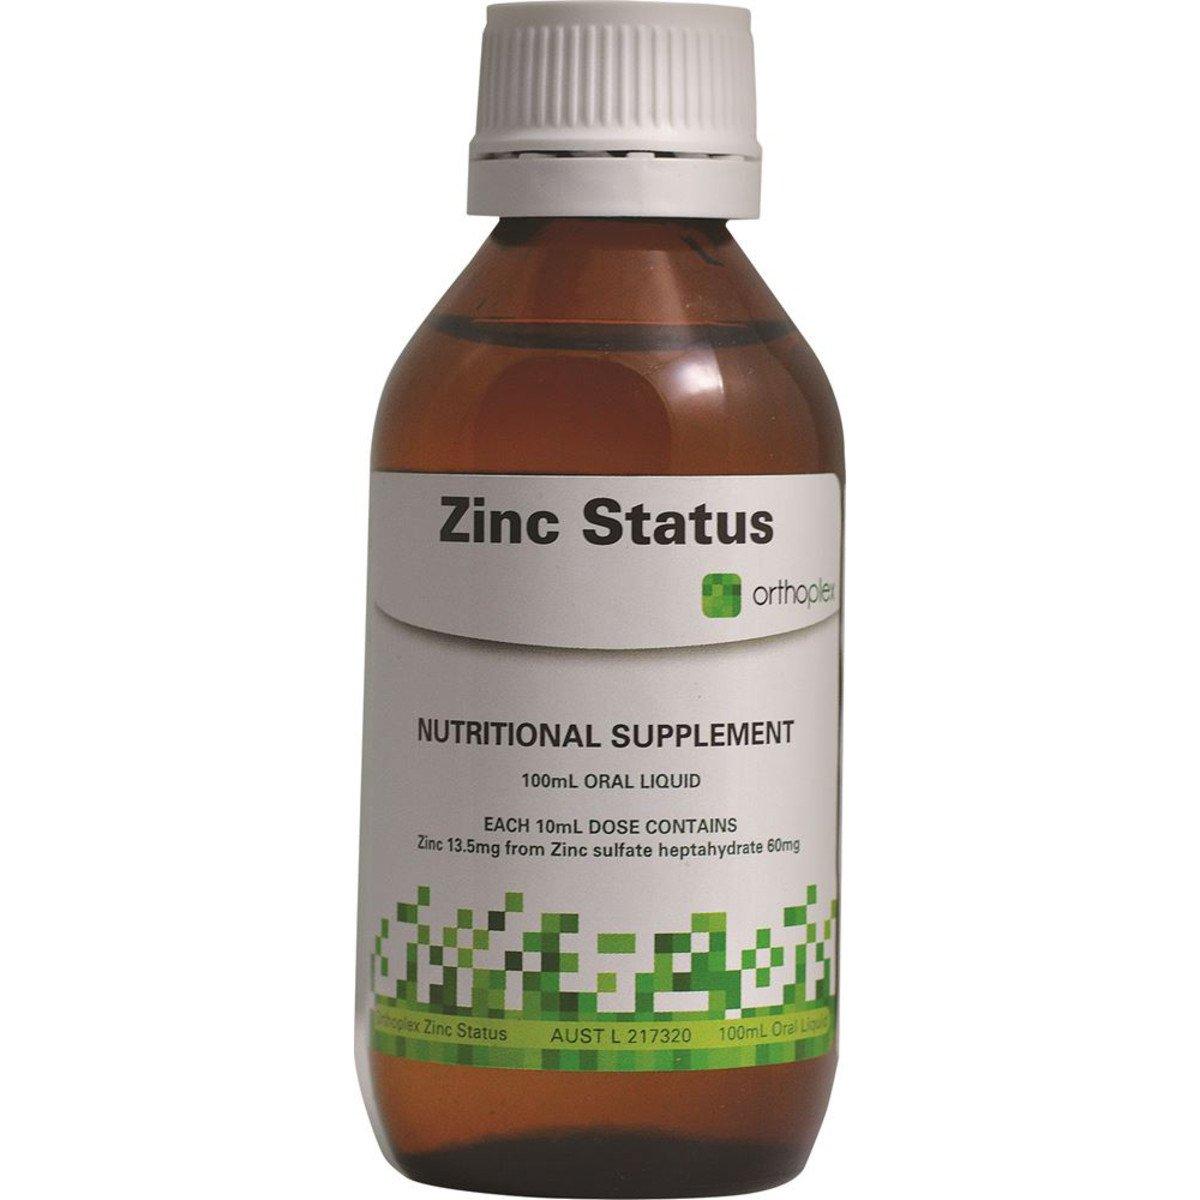 Orthoplex Zinc Status 100ml